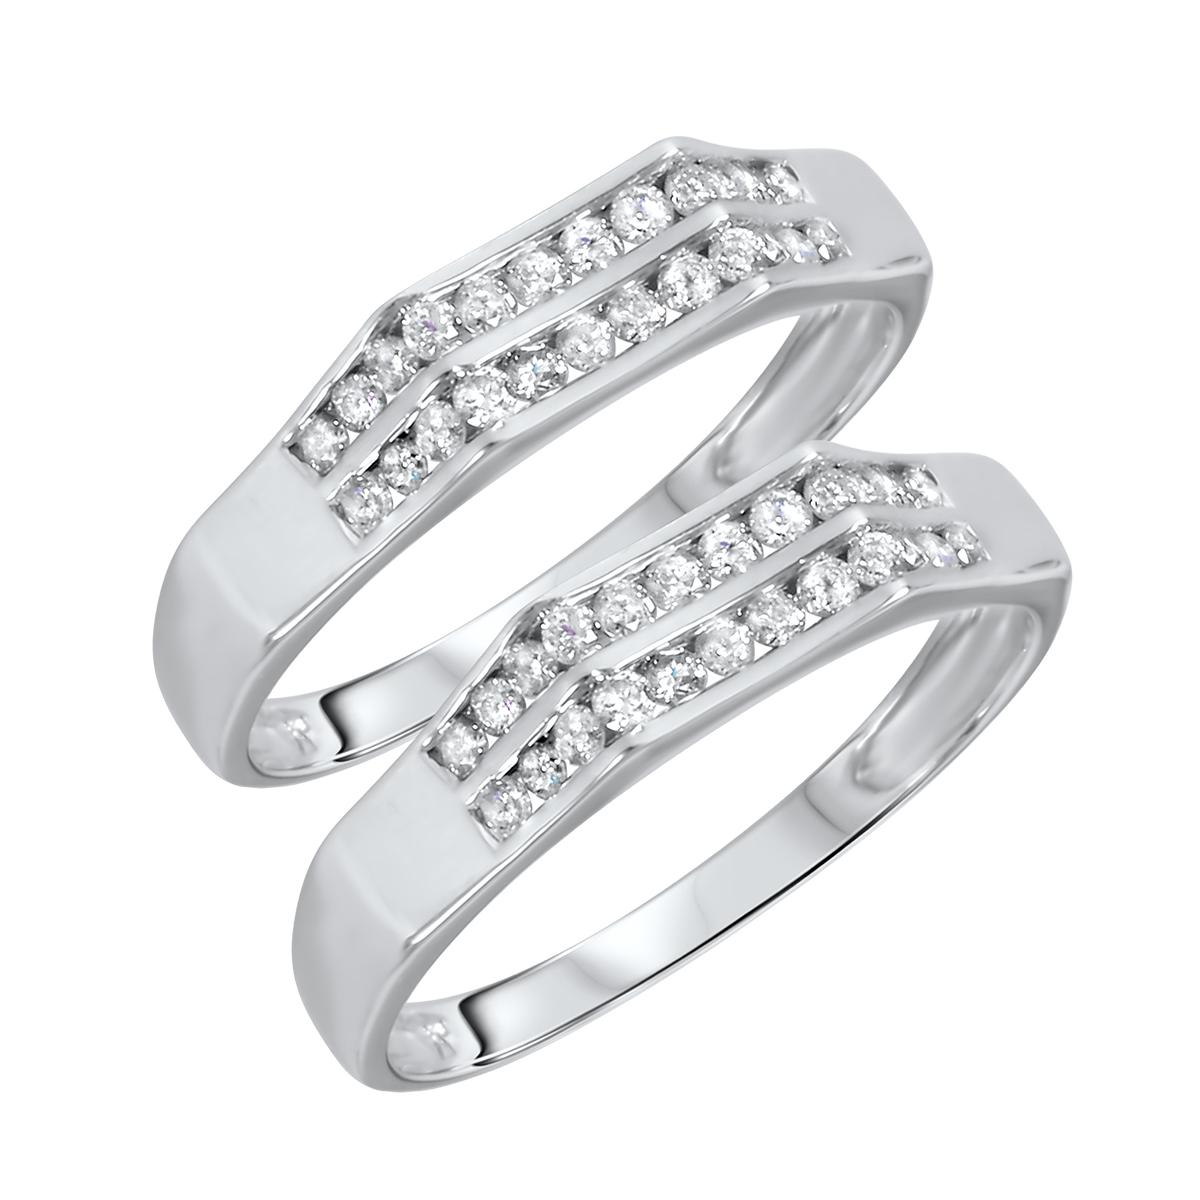 1/2 Carat T.W. Round Cut Ladies Same Sex Wedding Band Set 14K White Gold- Size 8